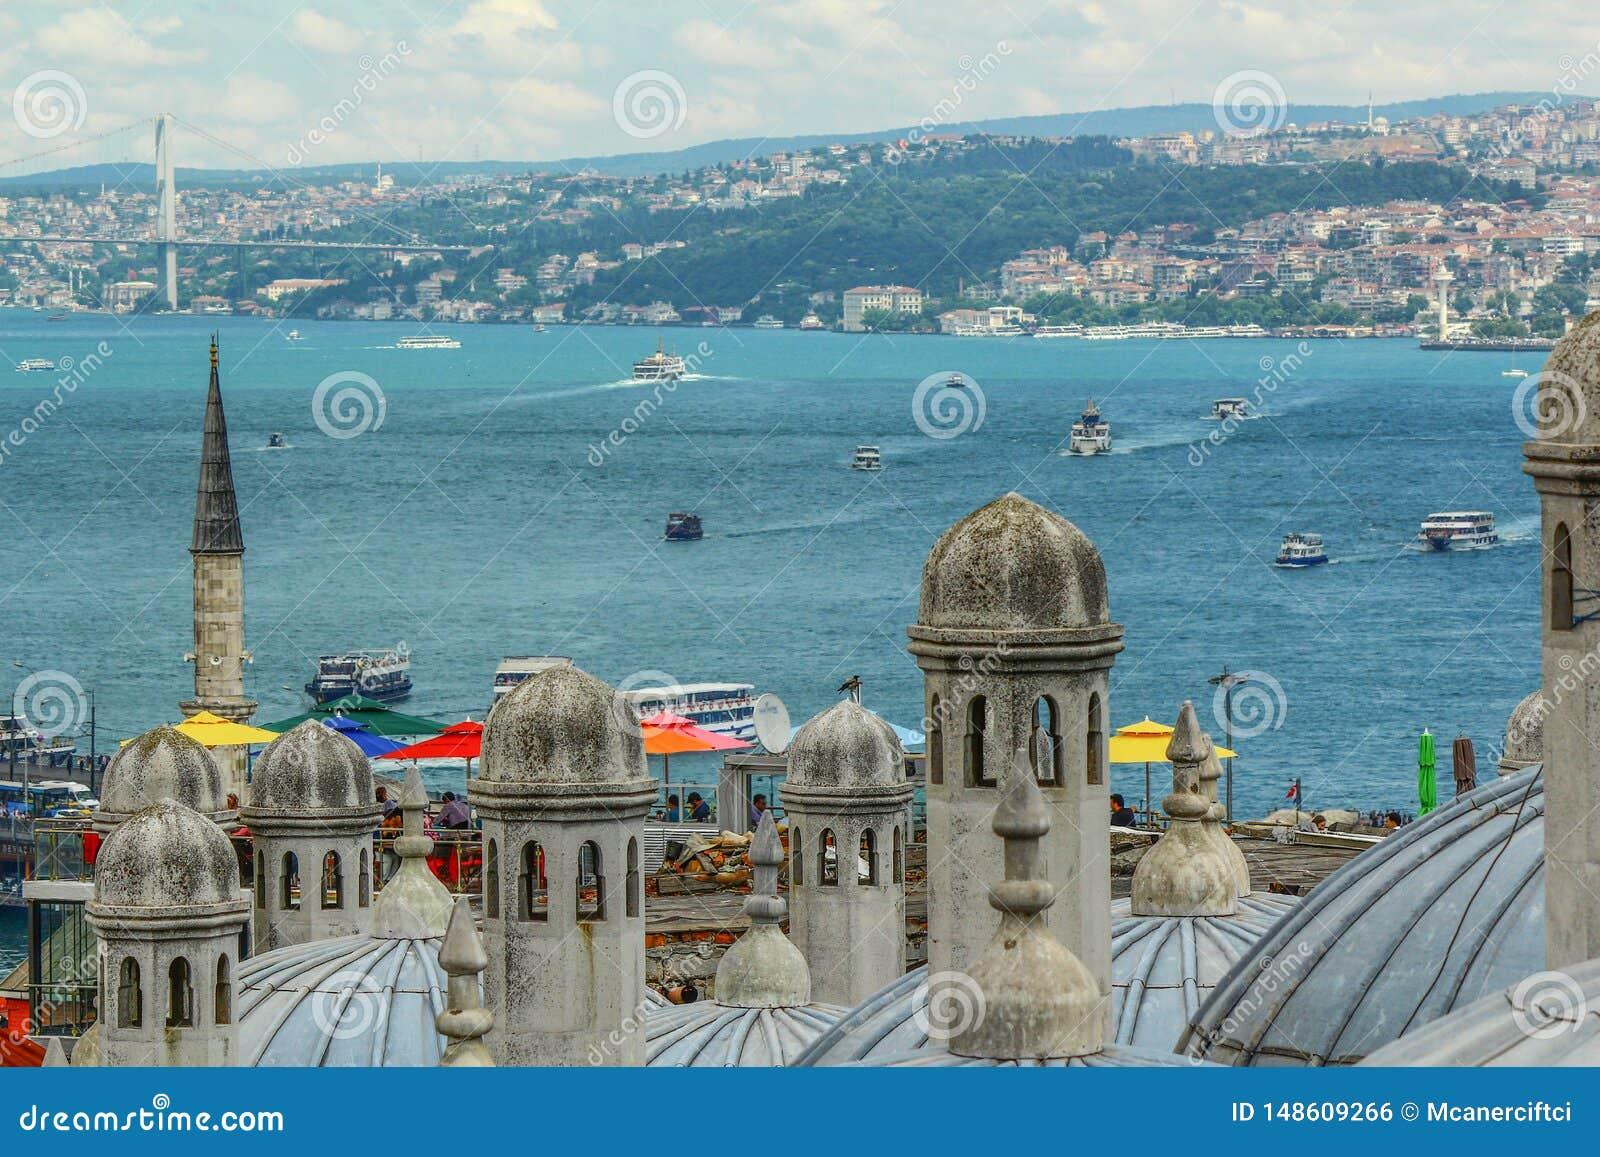 Bosphorusmening Schepen die in het overzees drijven